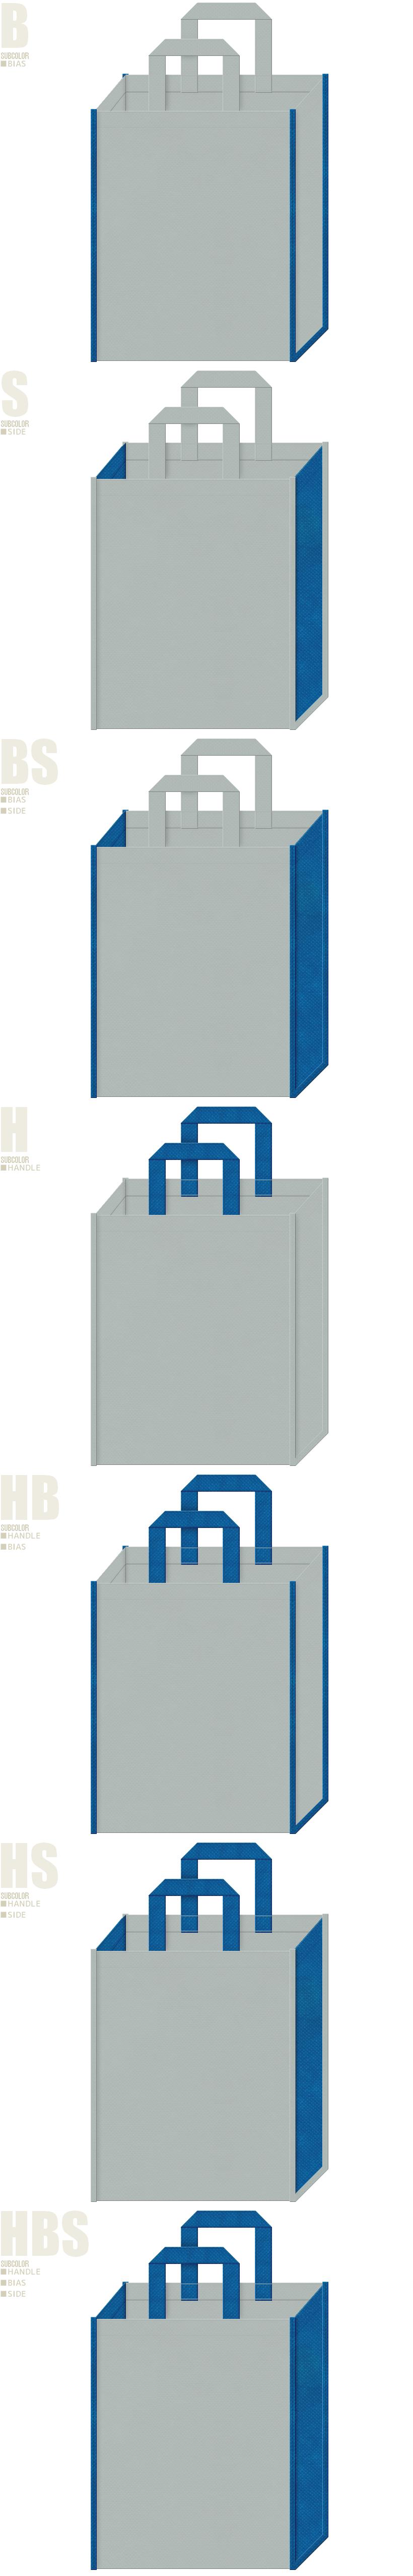 IT・AI・LED・IOT・センサー・電子部品・水素自動車・ロボット・ラジコン・ホビー・防犯カメラ・セキュリティの展示会用バッグにお奨めの不織布バッグデザイン:グレー色と青色の配色7パターン